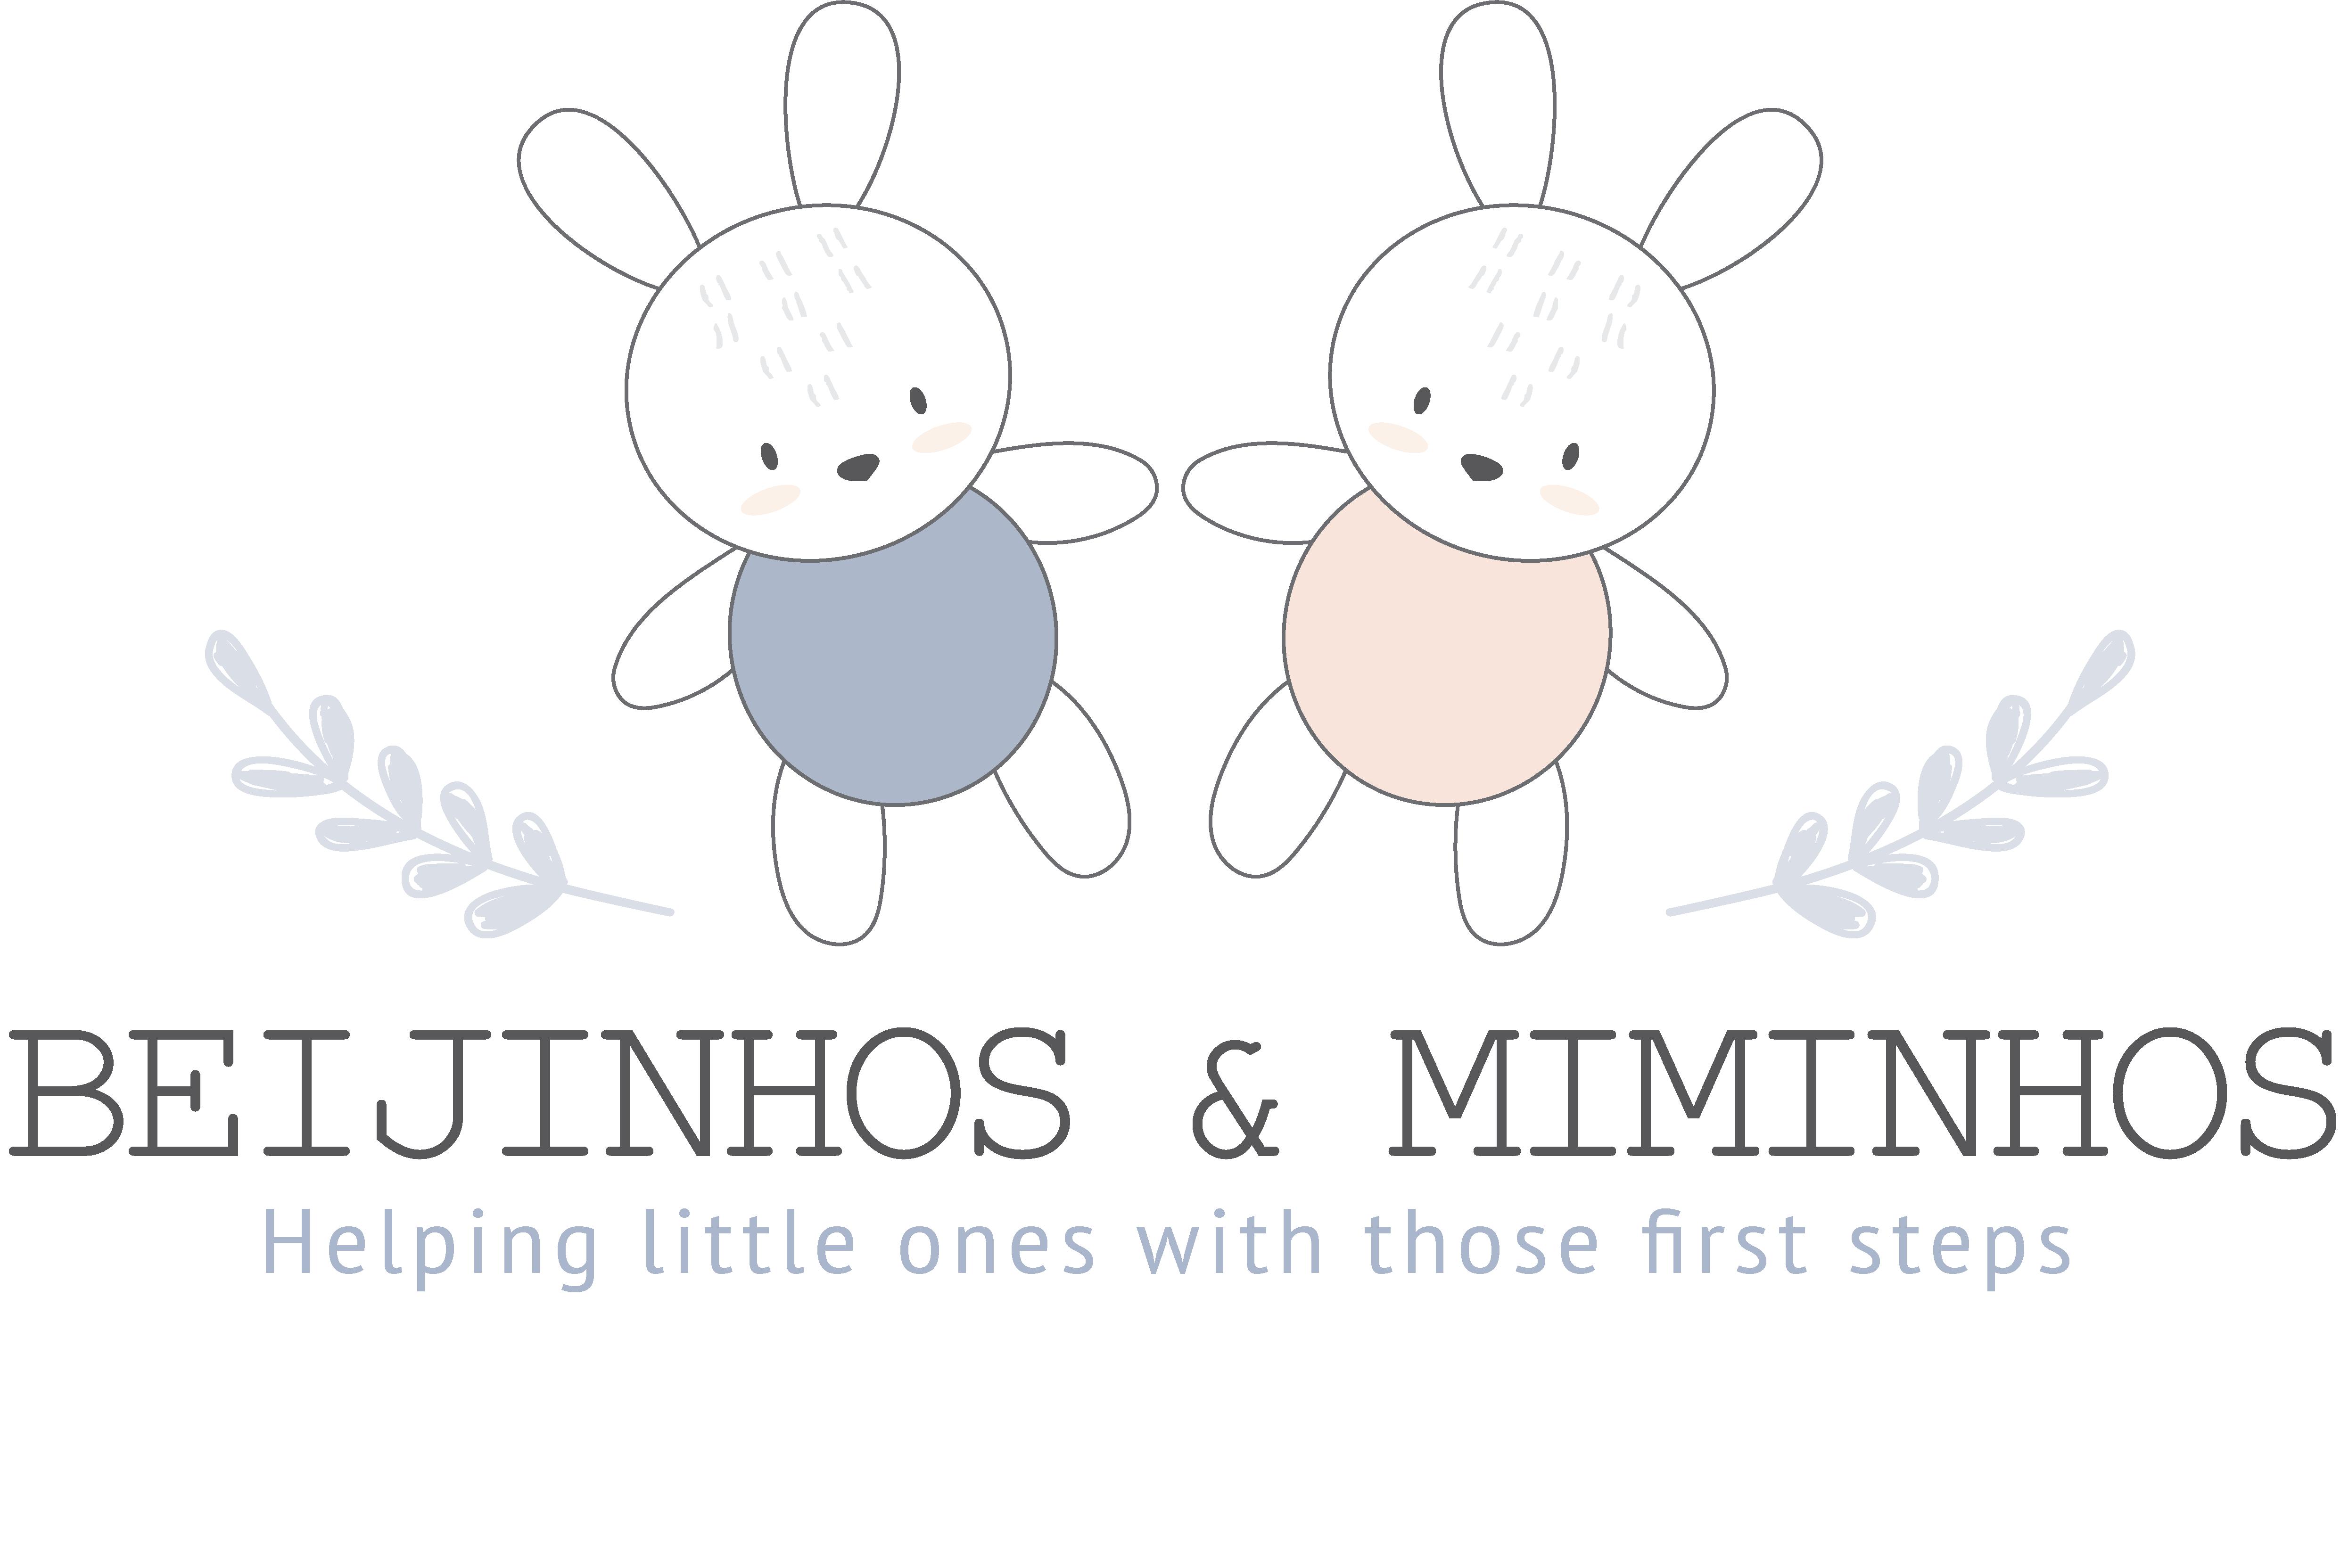 Beijinhos & Miminhos